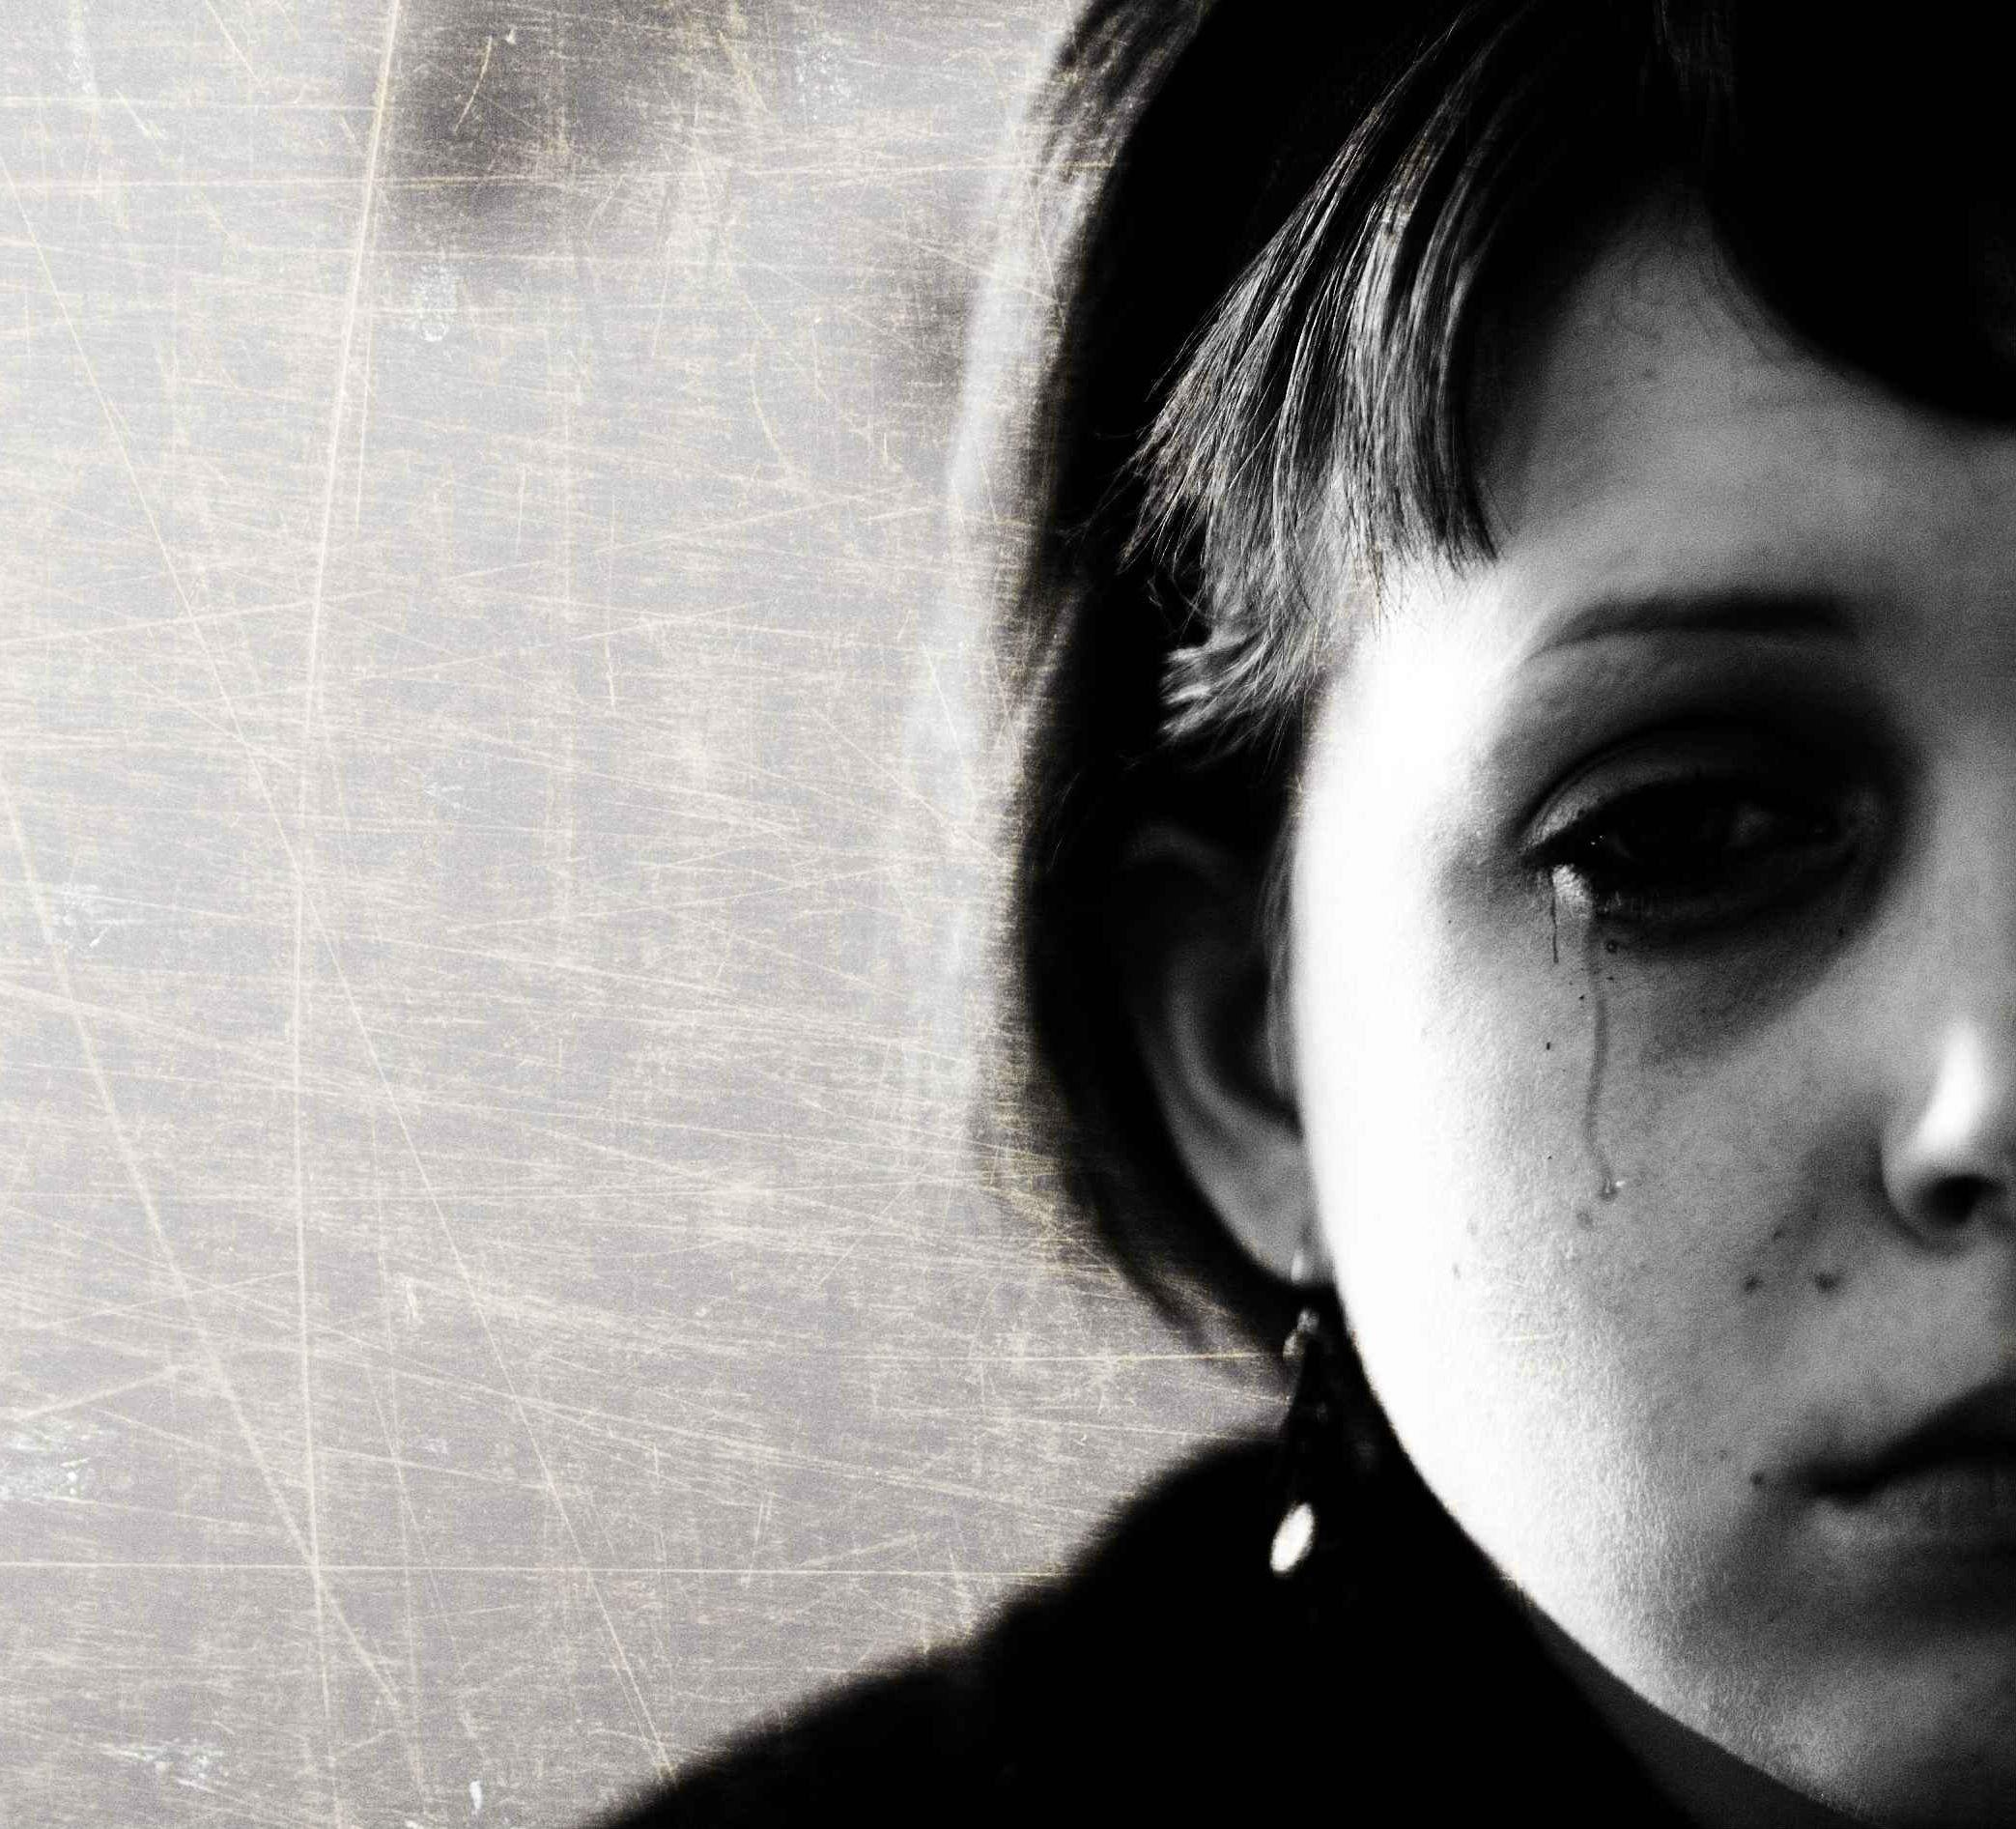 Sorrow emotion